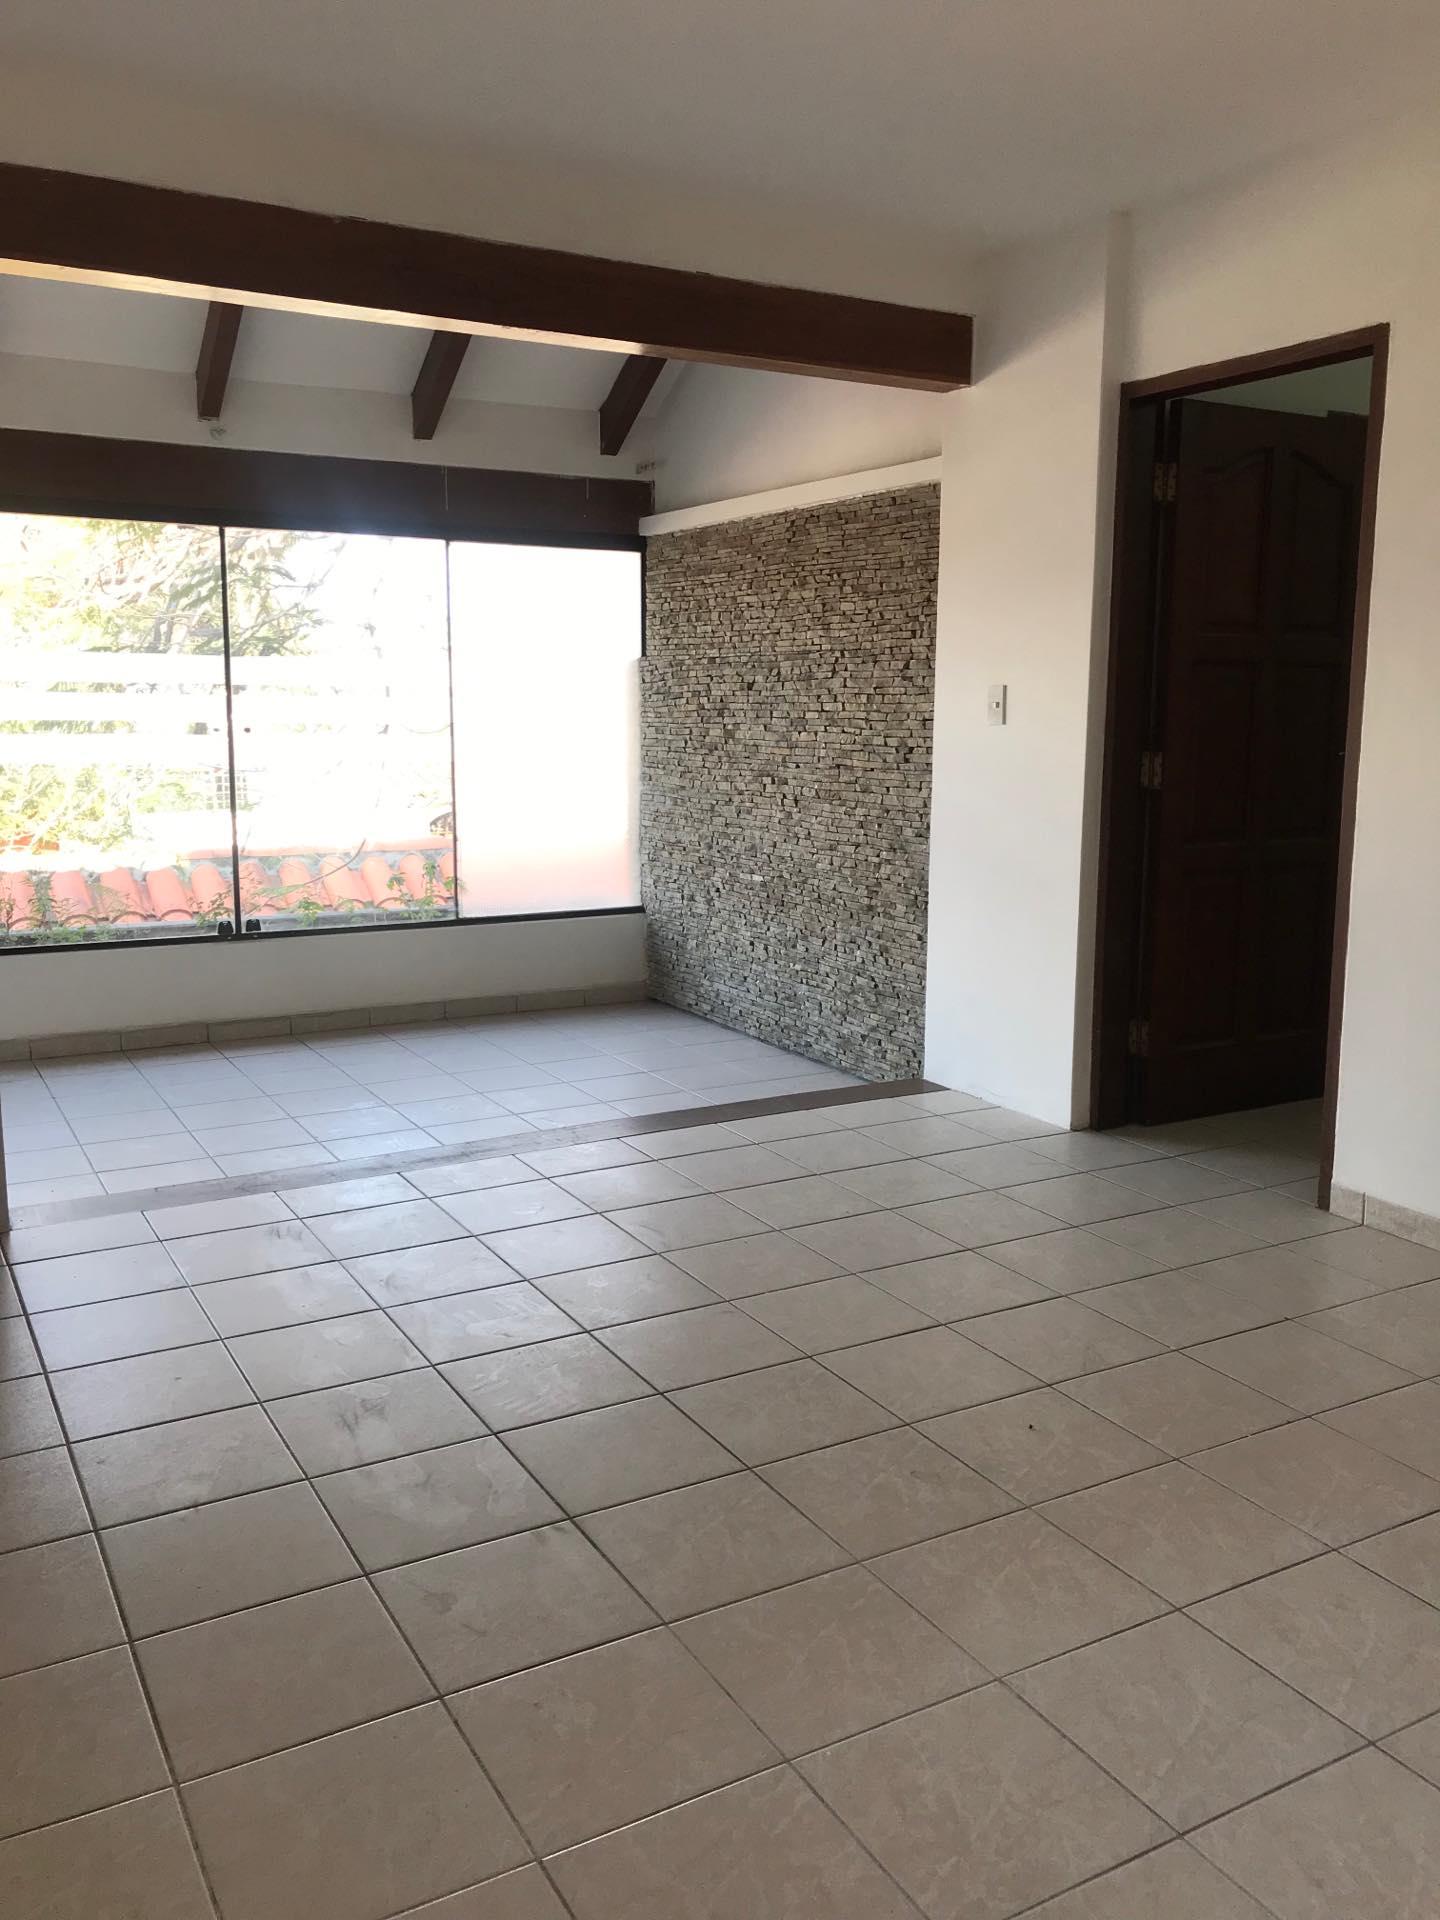 Casa en Alquiler Av. Melchor Pinto entre 1ro y 2do anillo  Foto 8